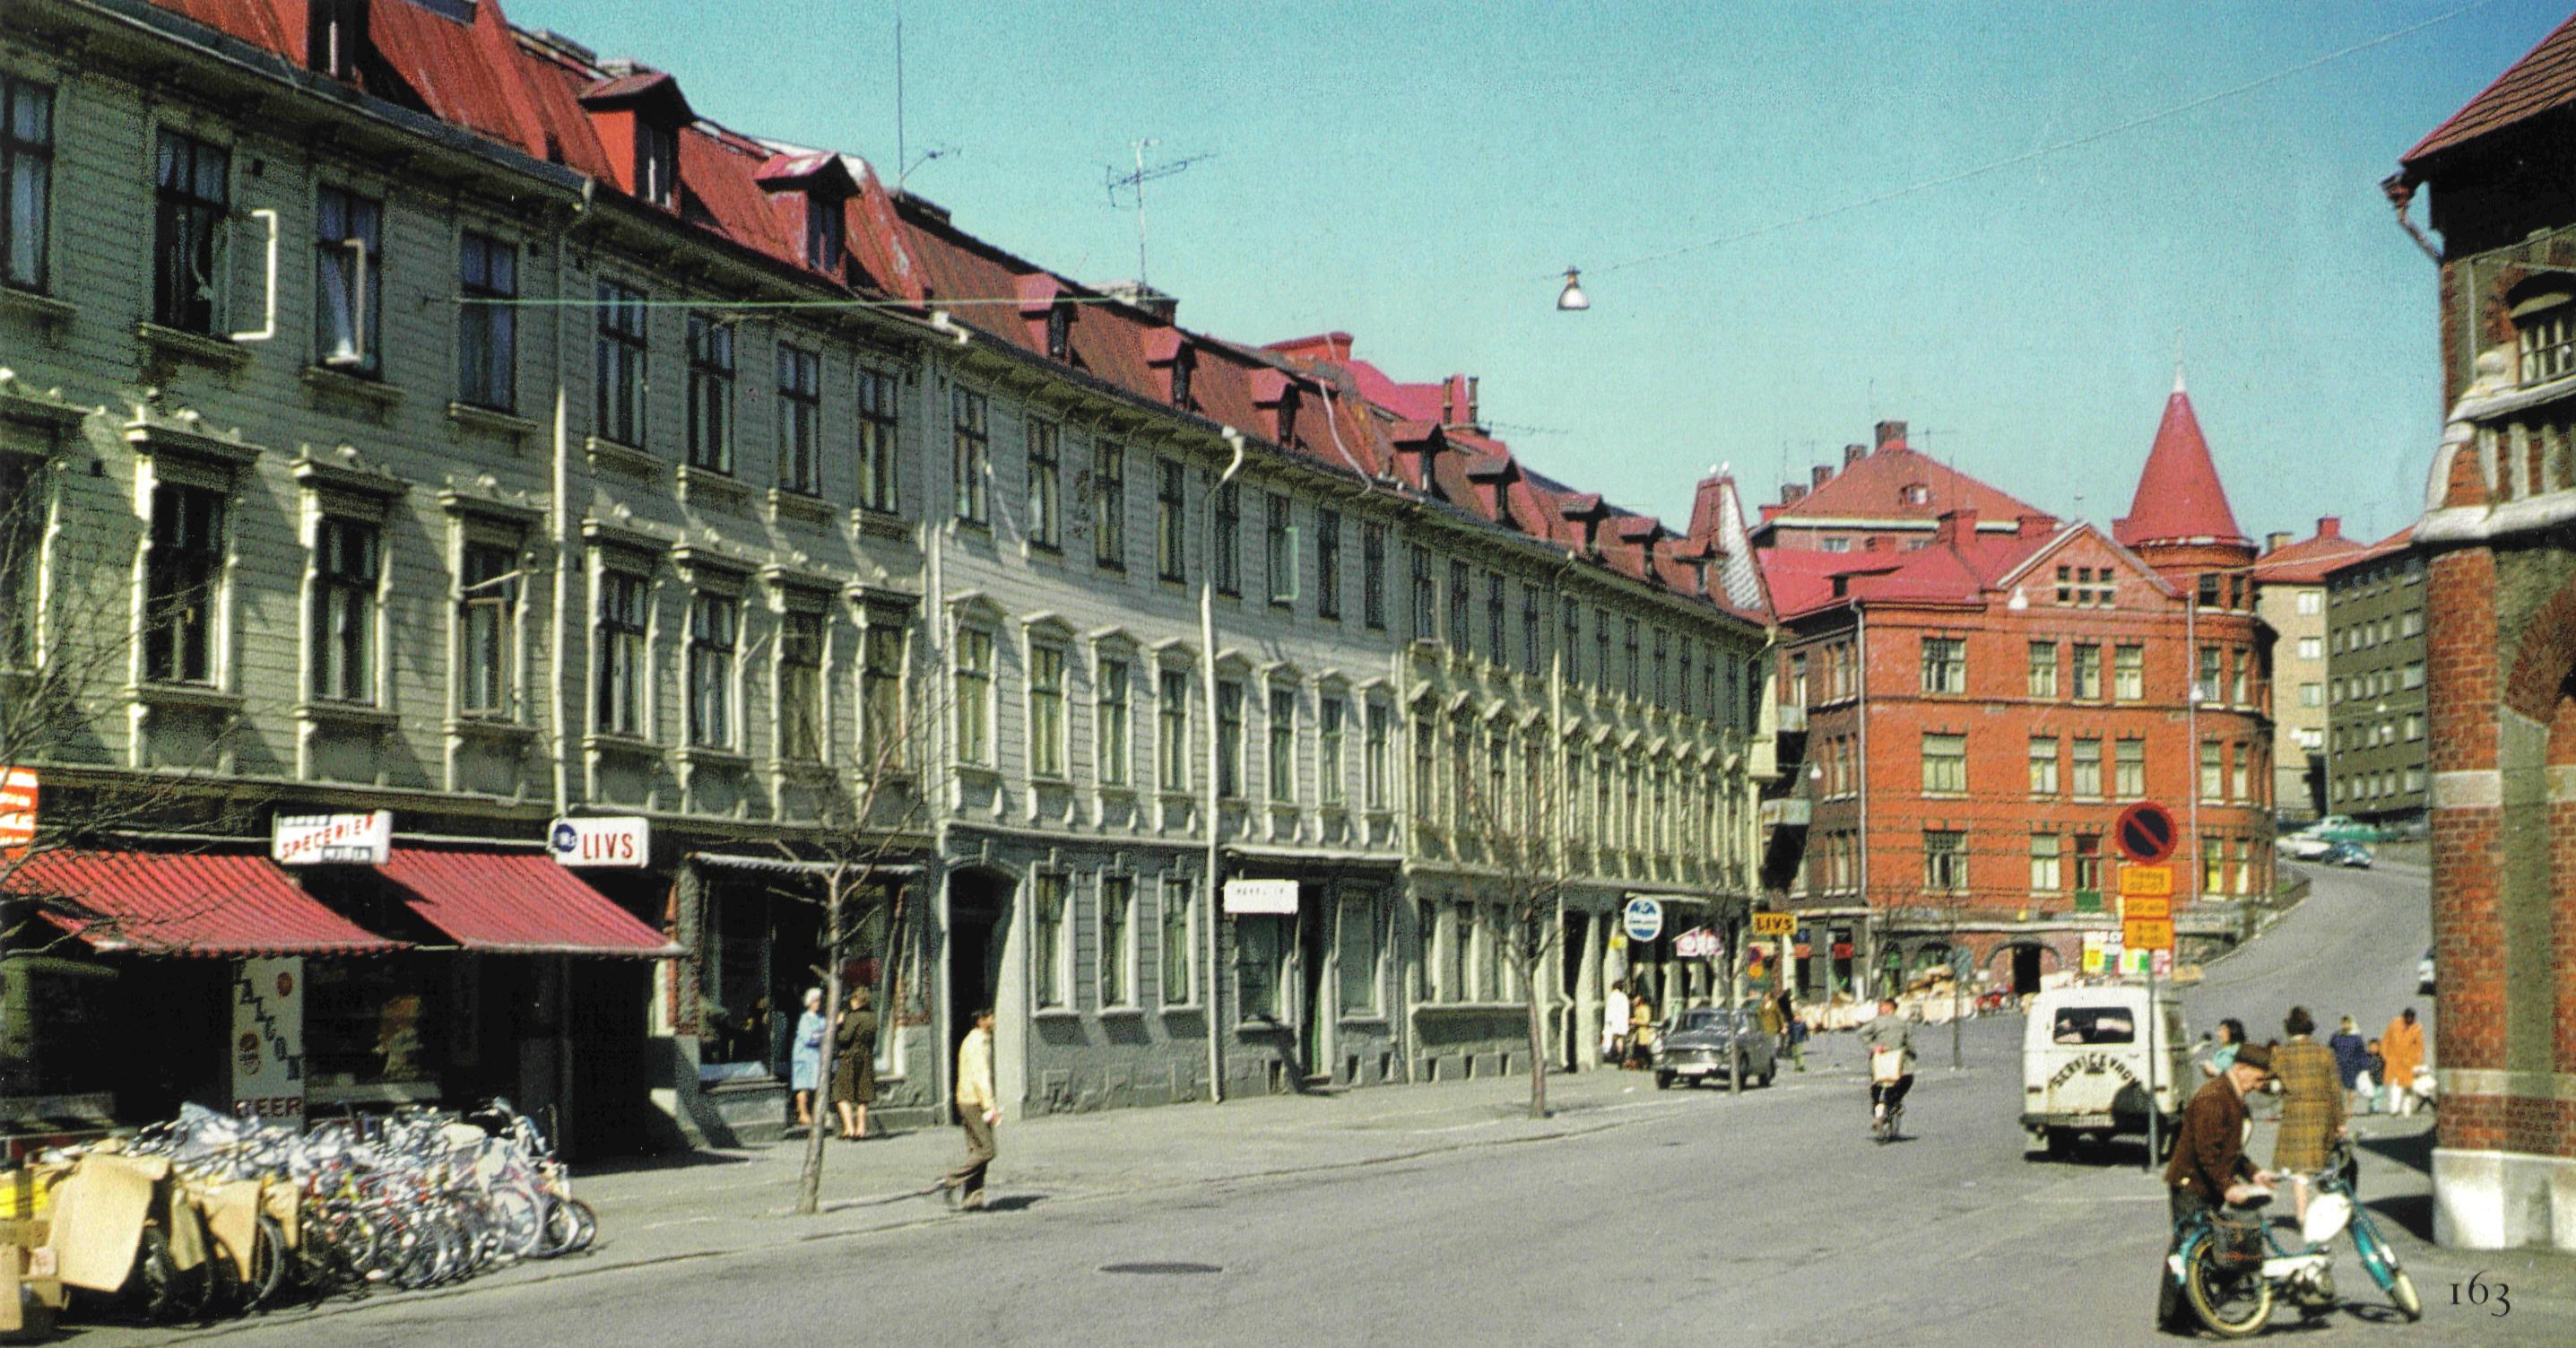 frisör redbergsplatsen göteborg